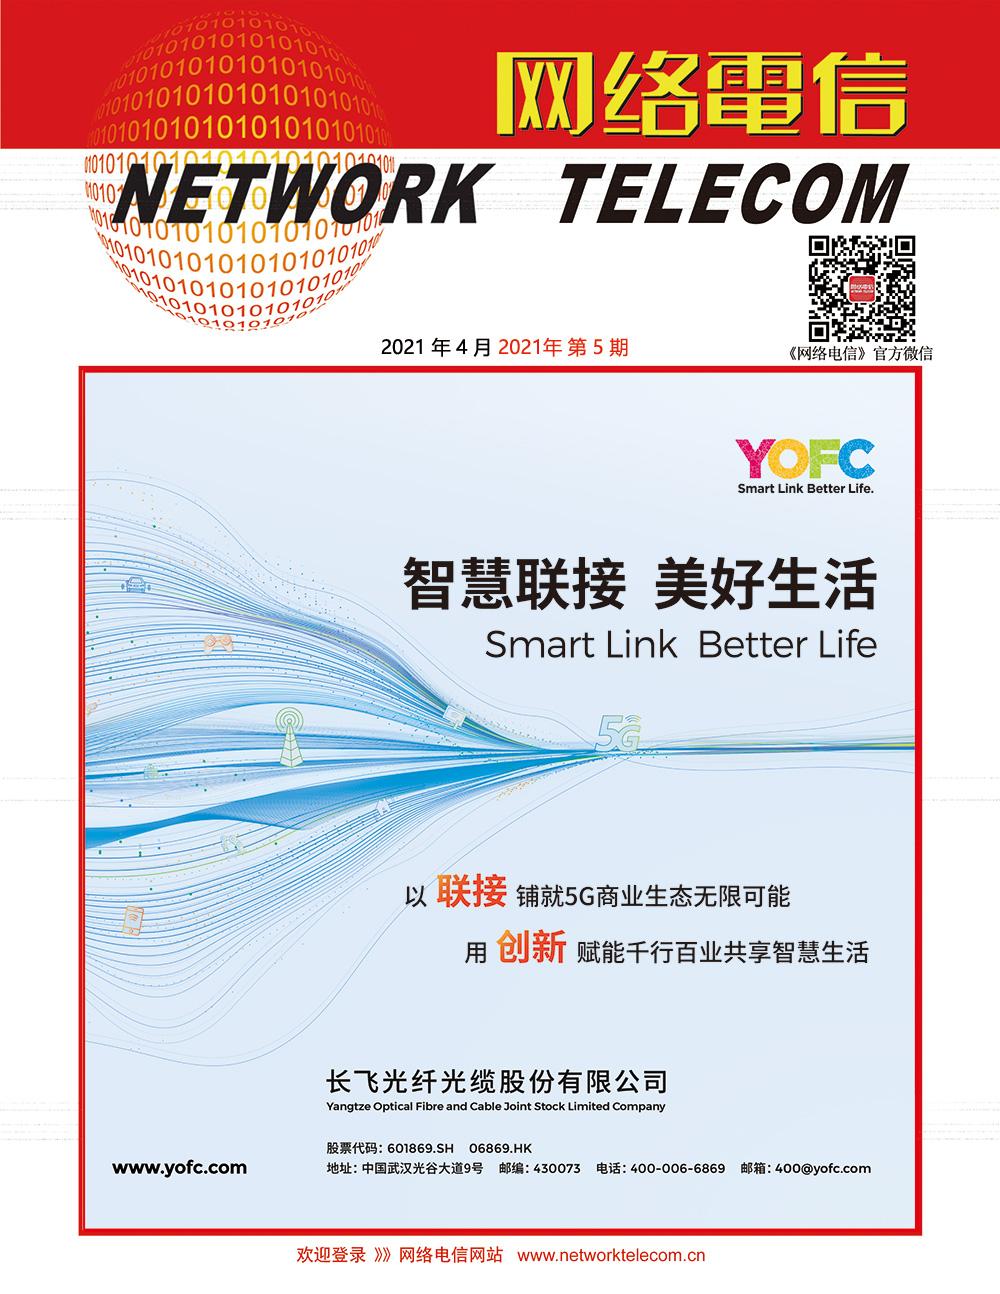 《网络电信》微杂志——2021年4月刊下